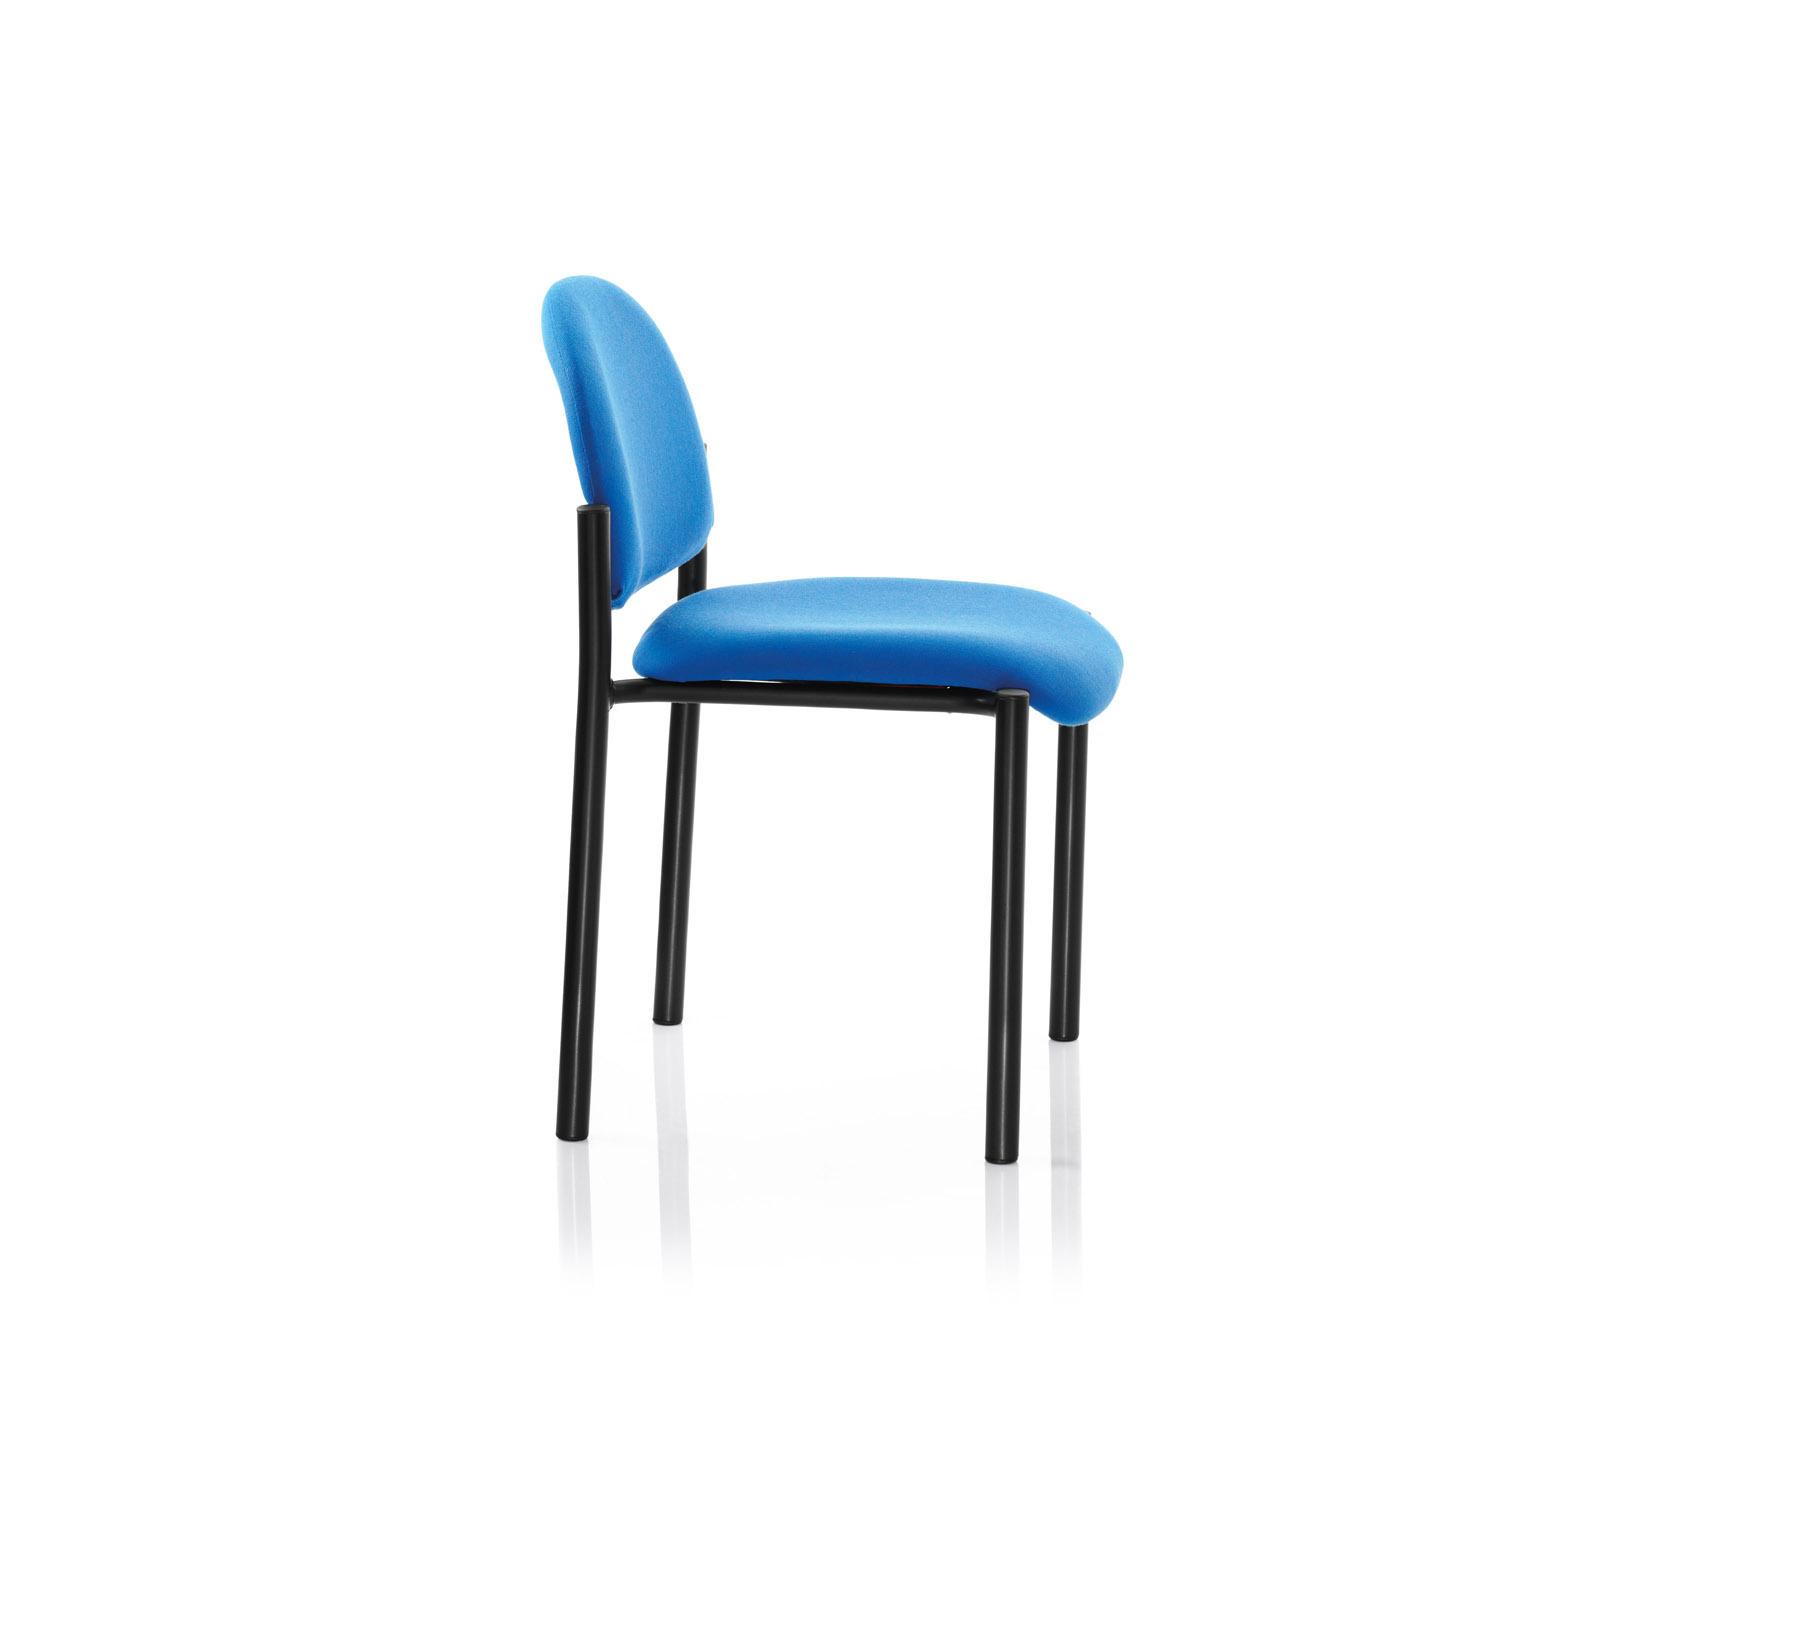 Chalken Heavy Duty Stackable Chair